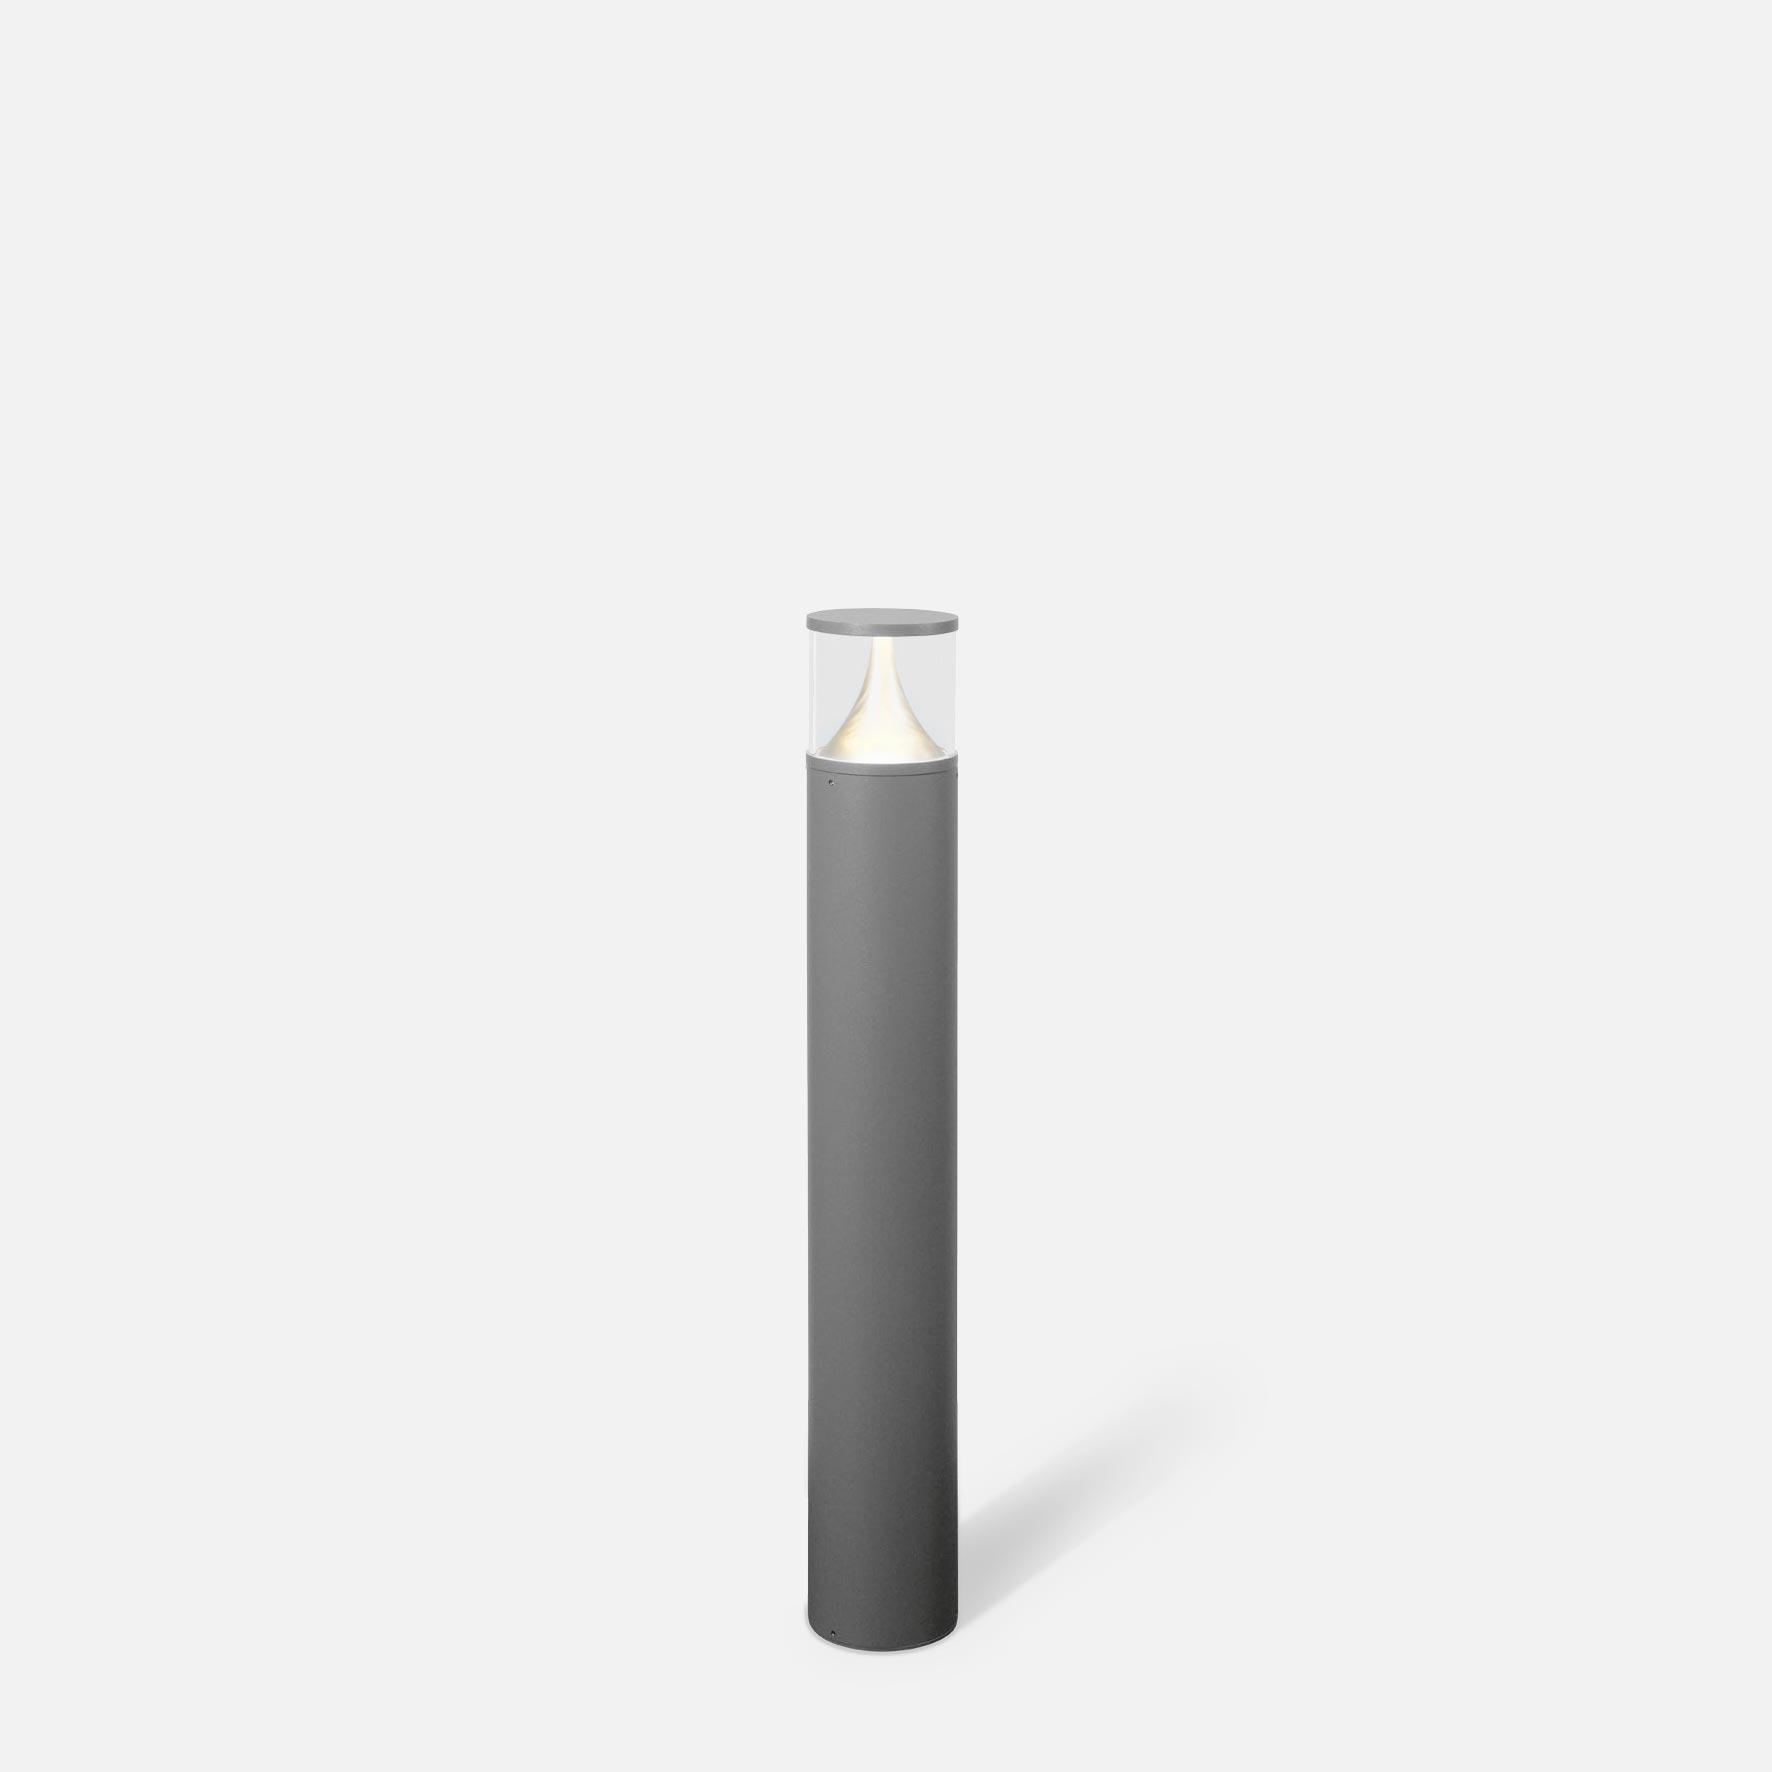 Getton 1.0 dark grey texture